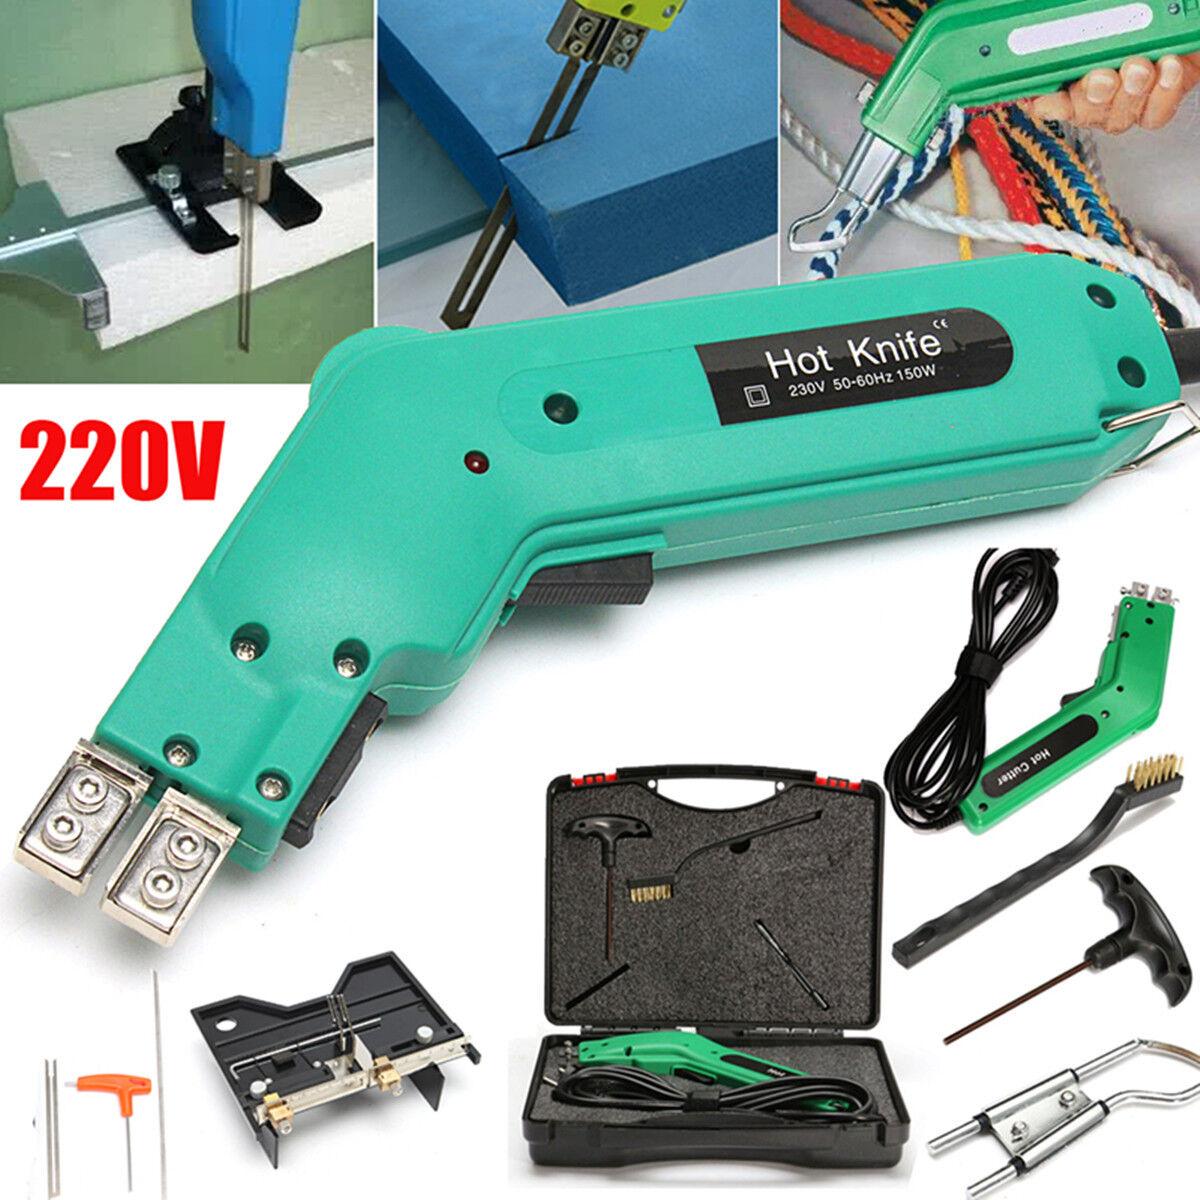 230W Elettrico Taglierina Hot Heating Cutter Poliestere Coltello Caldo Taglierin